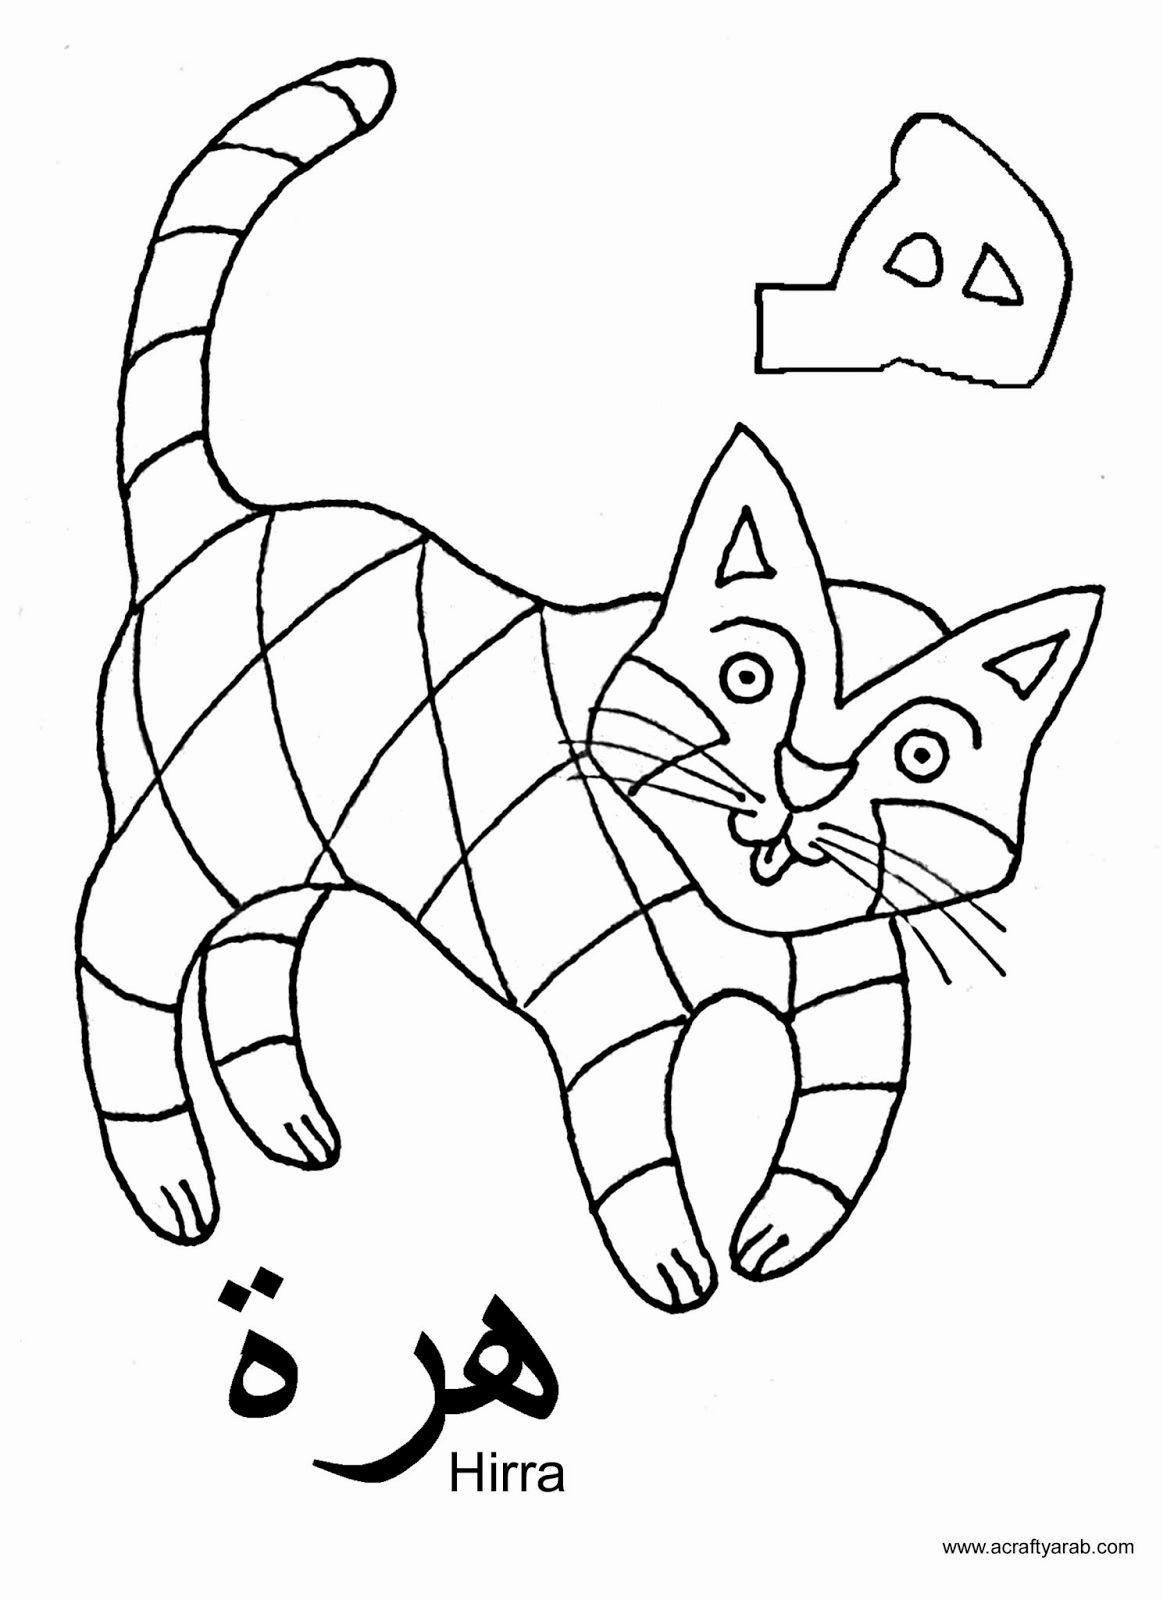 Alphabet Letters Coloring Pages Unique A Crafty Arab Arabic Alphabet Coloring Pages Haa Is For In 2020 Arabic Alphabet Alphabet Coloring Pages Alphabet Coloring